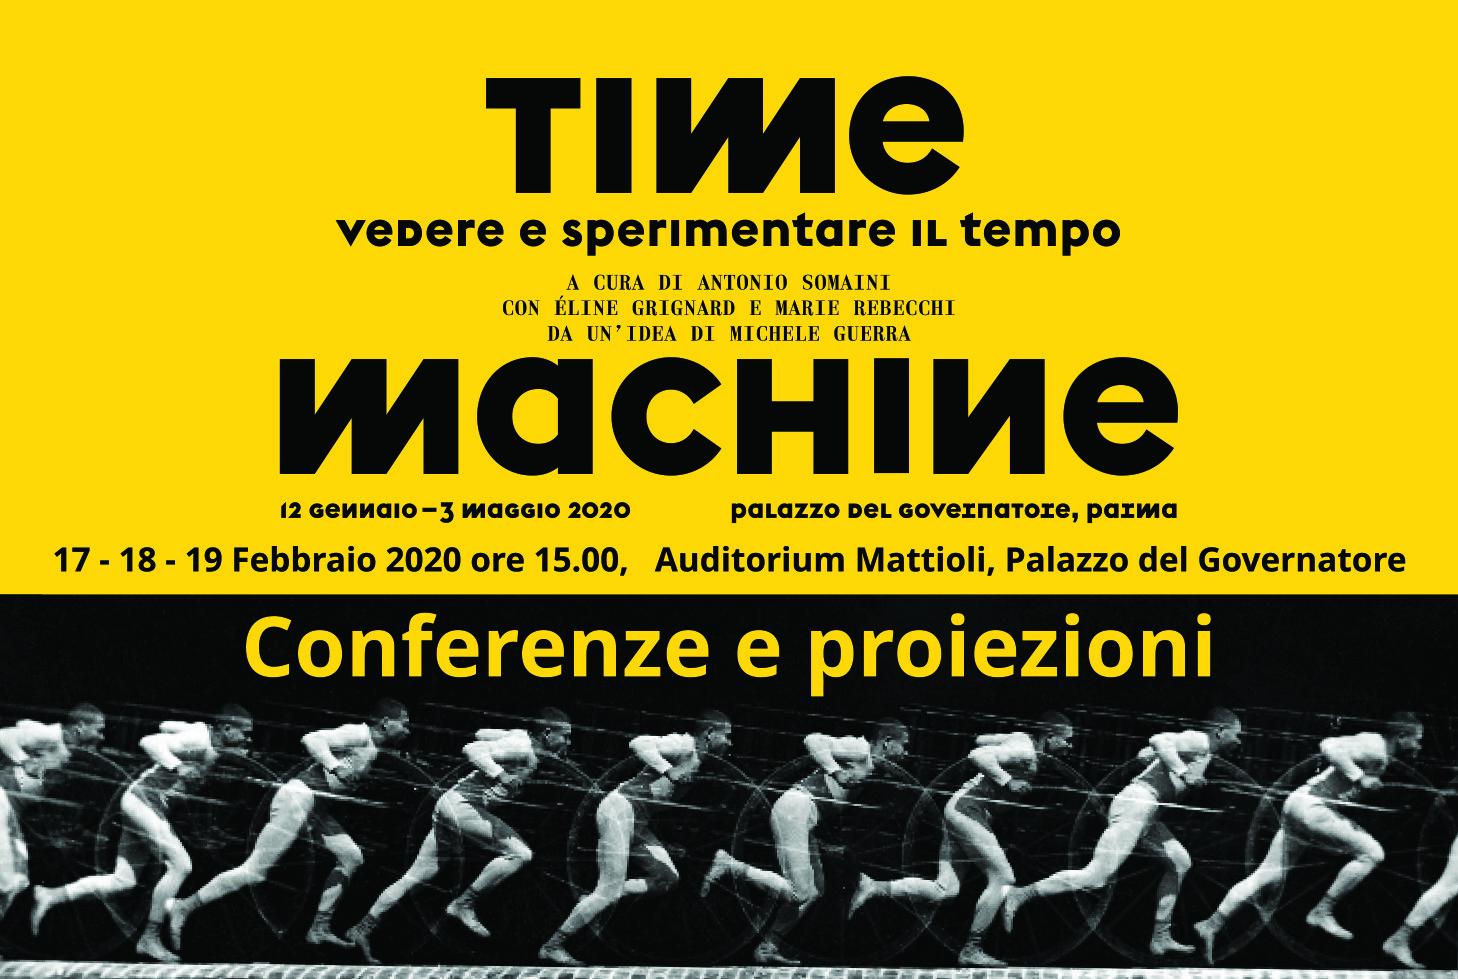 Time Machine, conferenze e proiezioni cinematografiche nell'ambito della mostra ospitata a Palazzo del Governatore: le conferenze